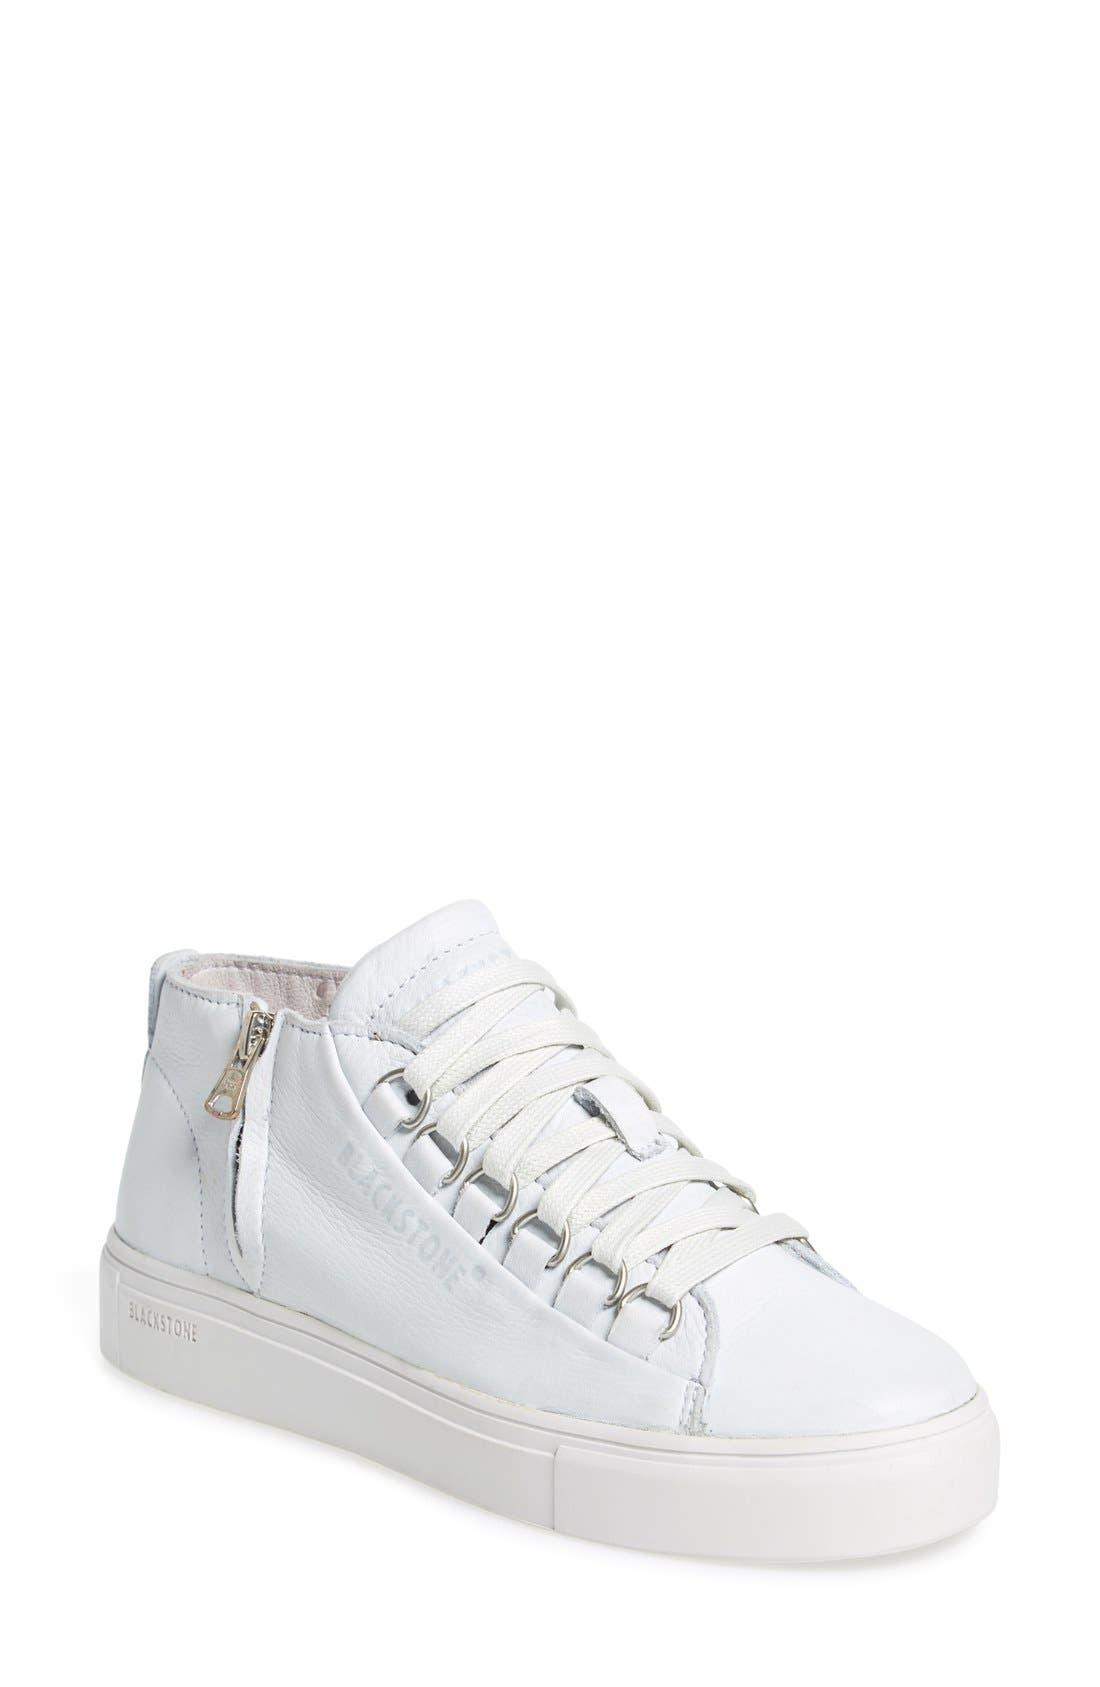 'LL60' Midi Sneaker,                         Main,                         color, White Leather